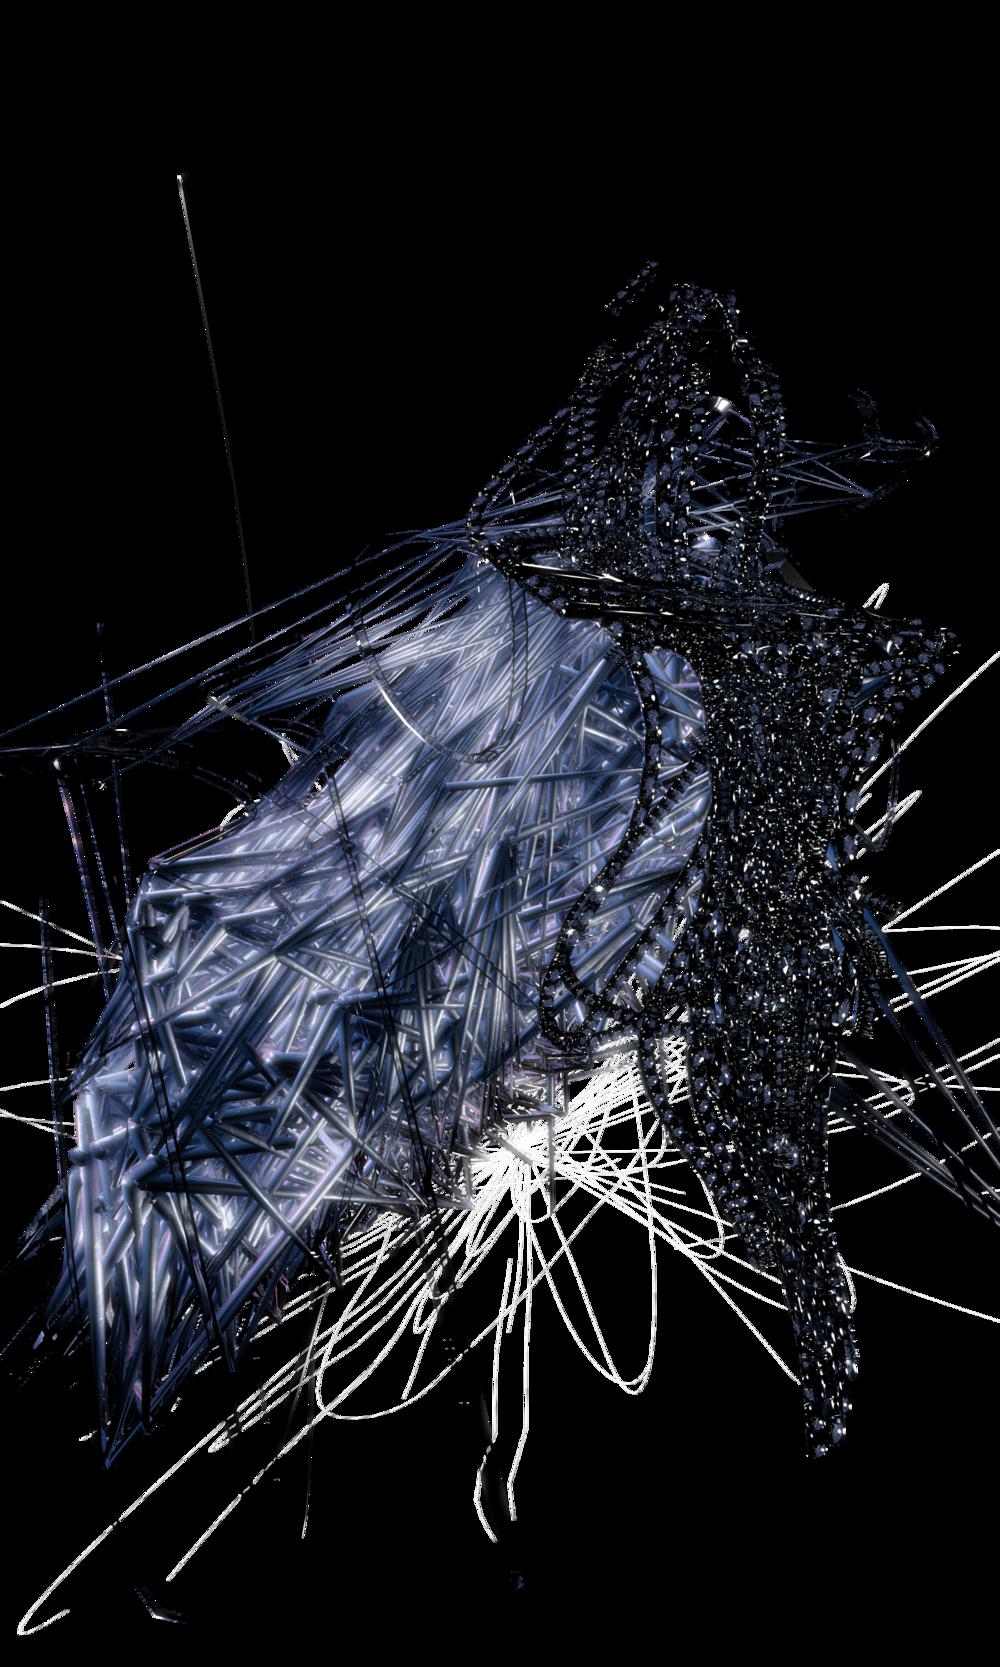 nightshades, shawn komlos, cca, 2013